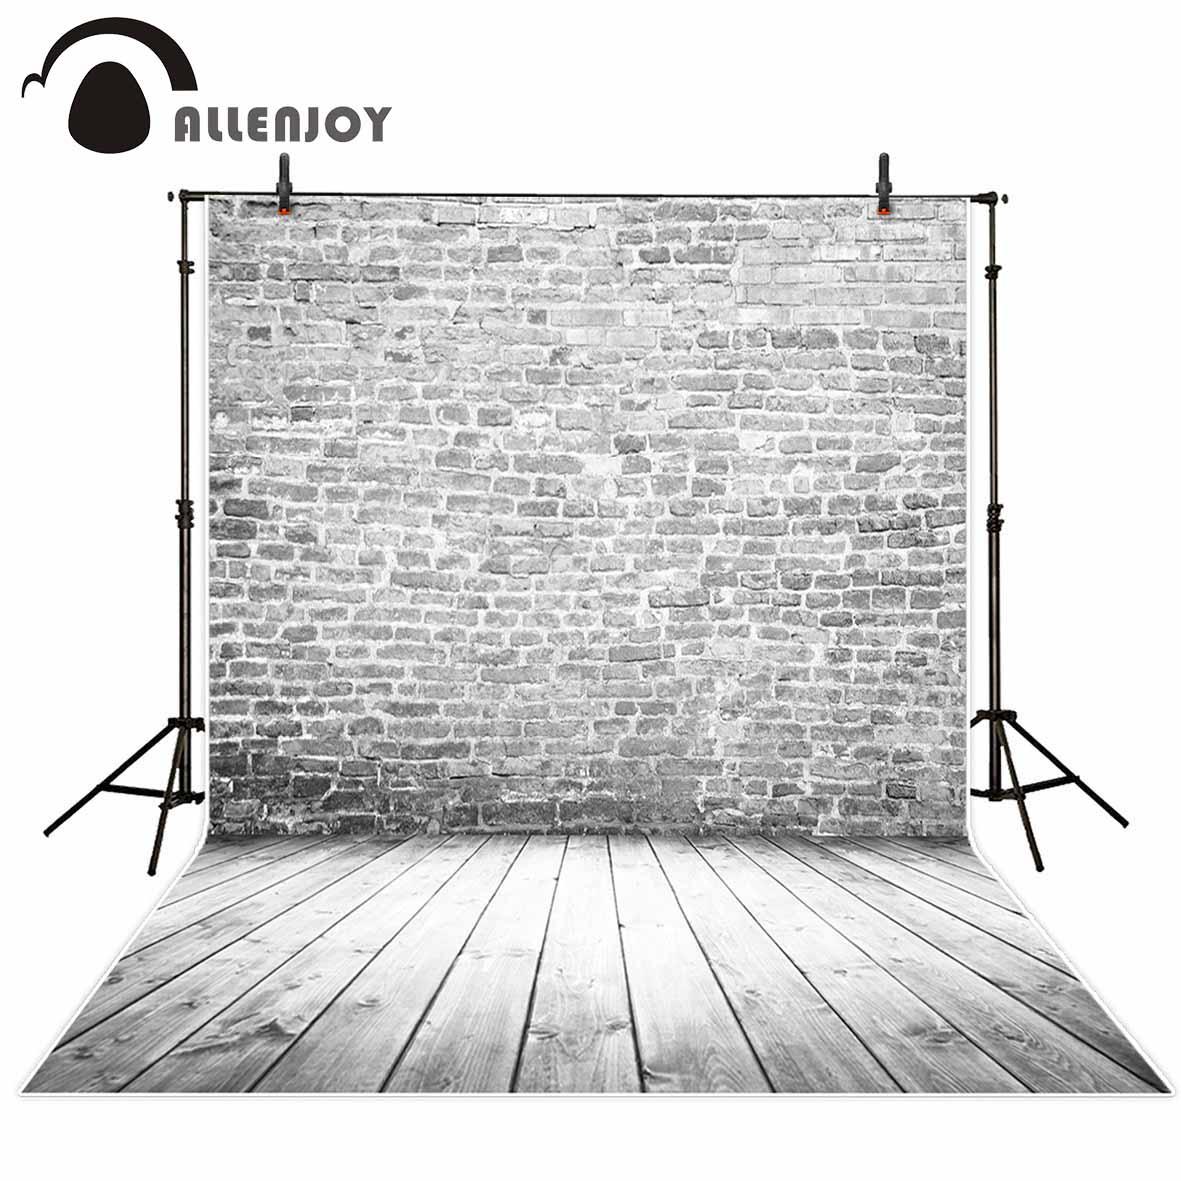 [해외]Allenjoy 사진 배경 흑백 필름 벽돌 벽 빈티지 클래식 세로 배경 photobooth 신생아 원래 디자인/Allenjoy photo backdrops Black and white film brick wall vintage classic portrait ba